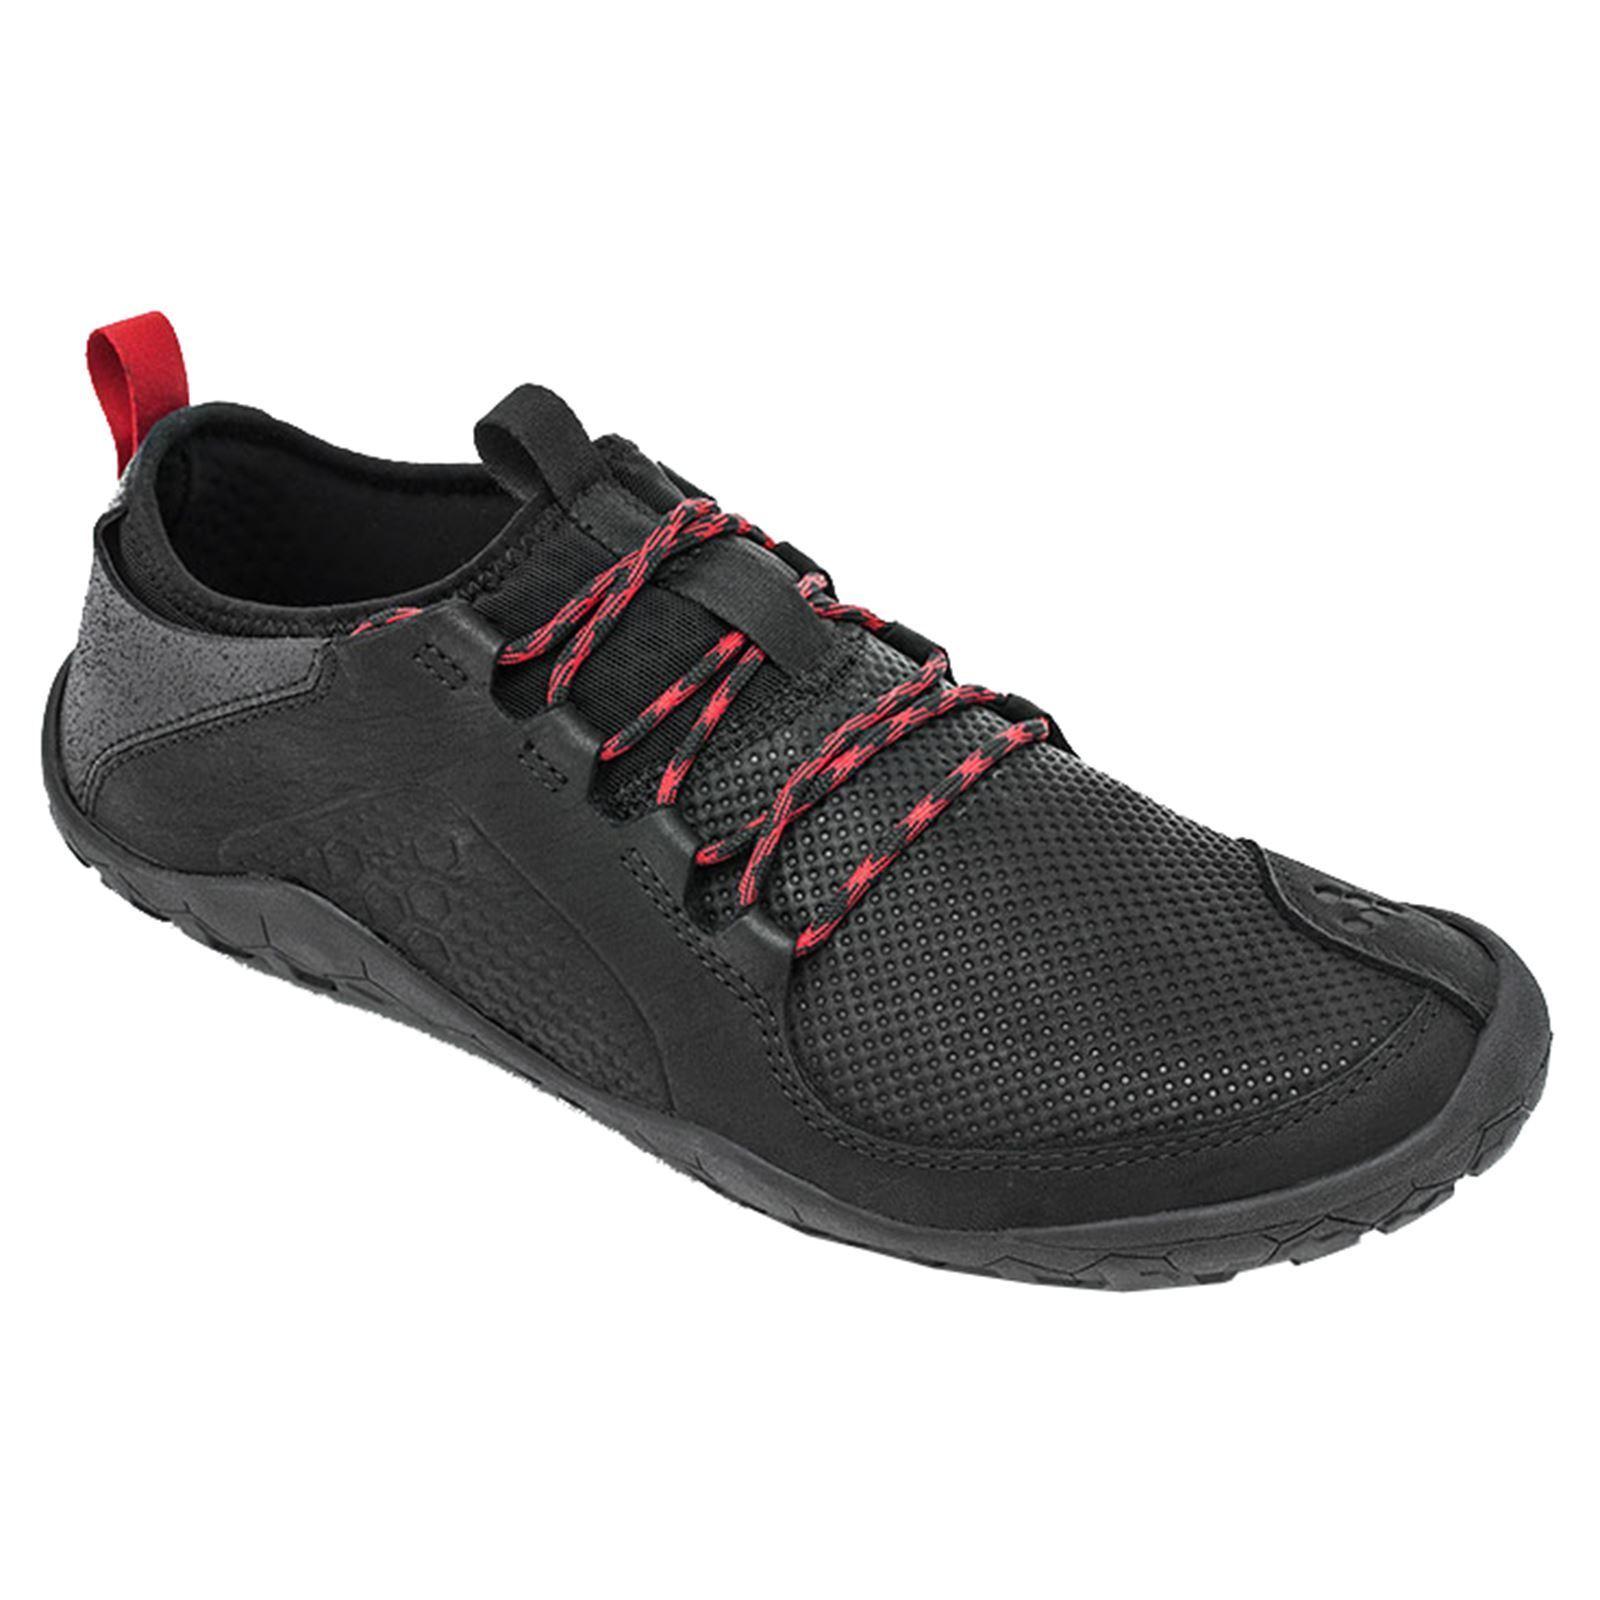 Vivobarefoot Primus Trek gli uomini uomini uomini neri in pelle mesh Low-Top Escursionismo Trekking Scarpe Da Ginnastica 32fced